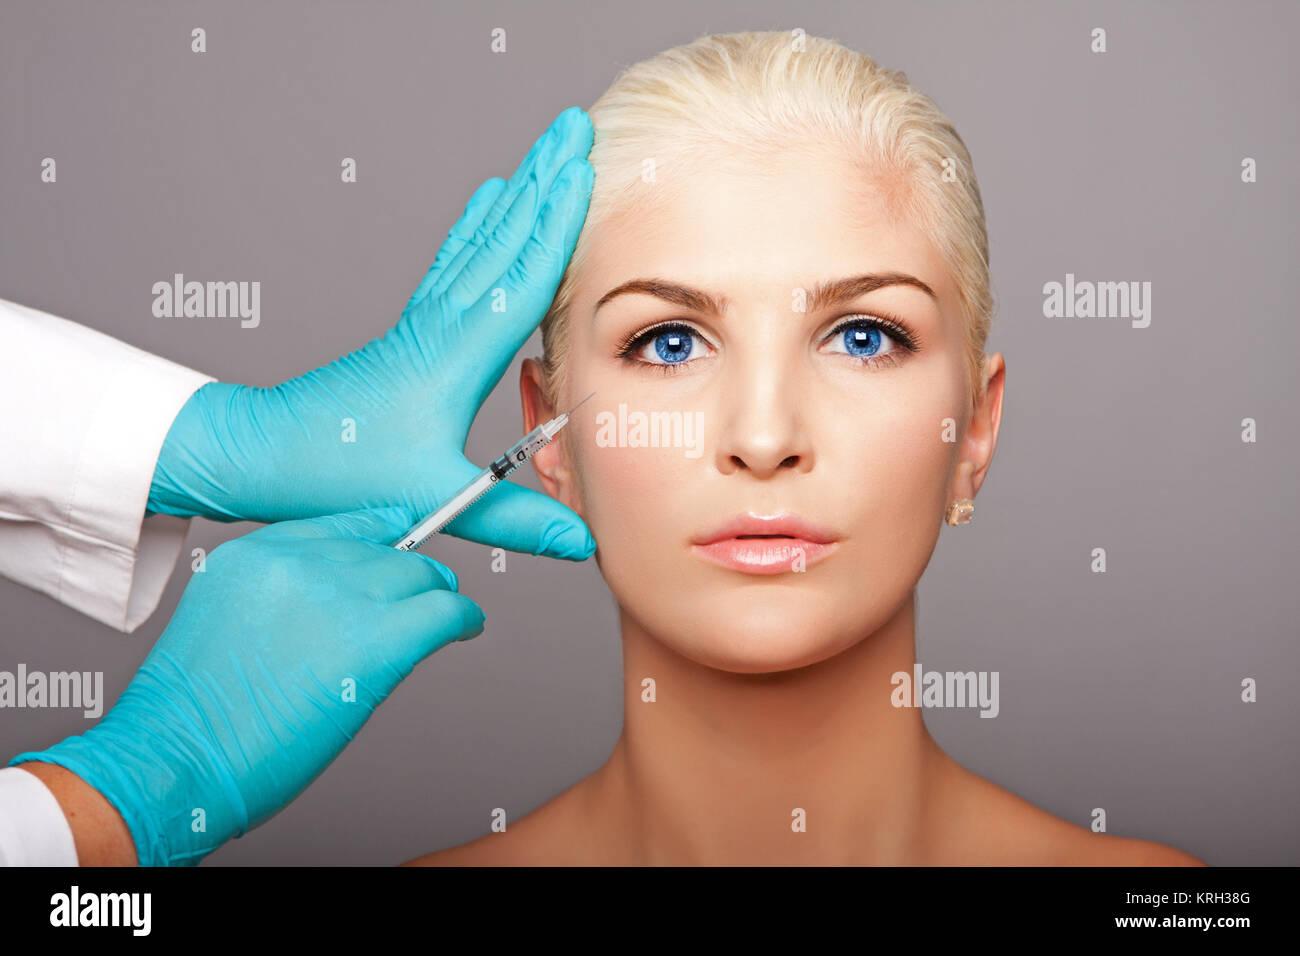 Cosmetici chirurgo plastico iniettare estetica viso Immagini Stock